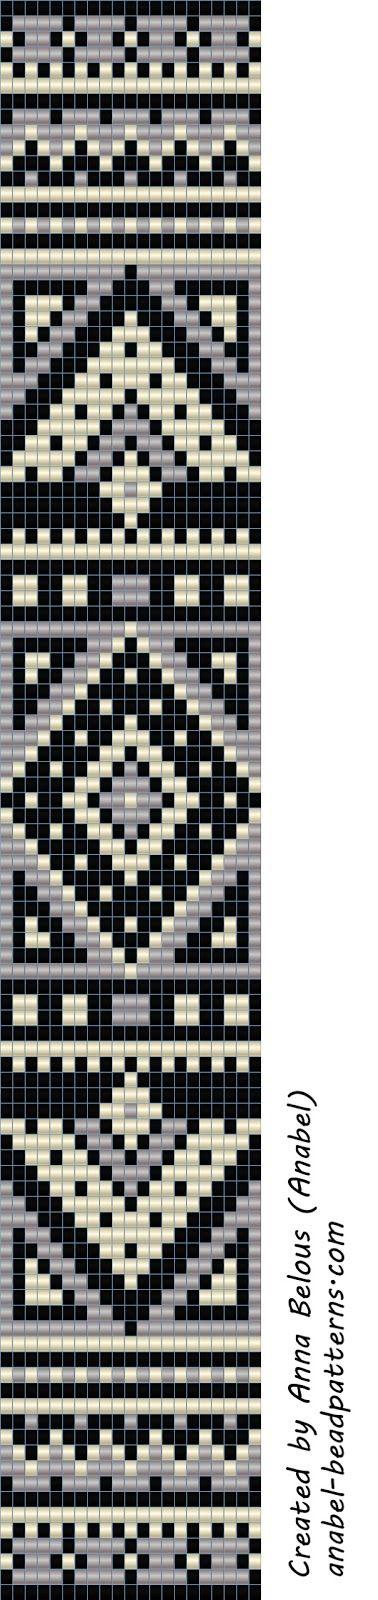 Схема монохромного браслета - станочное ткачество / гобеленовое плетение